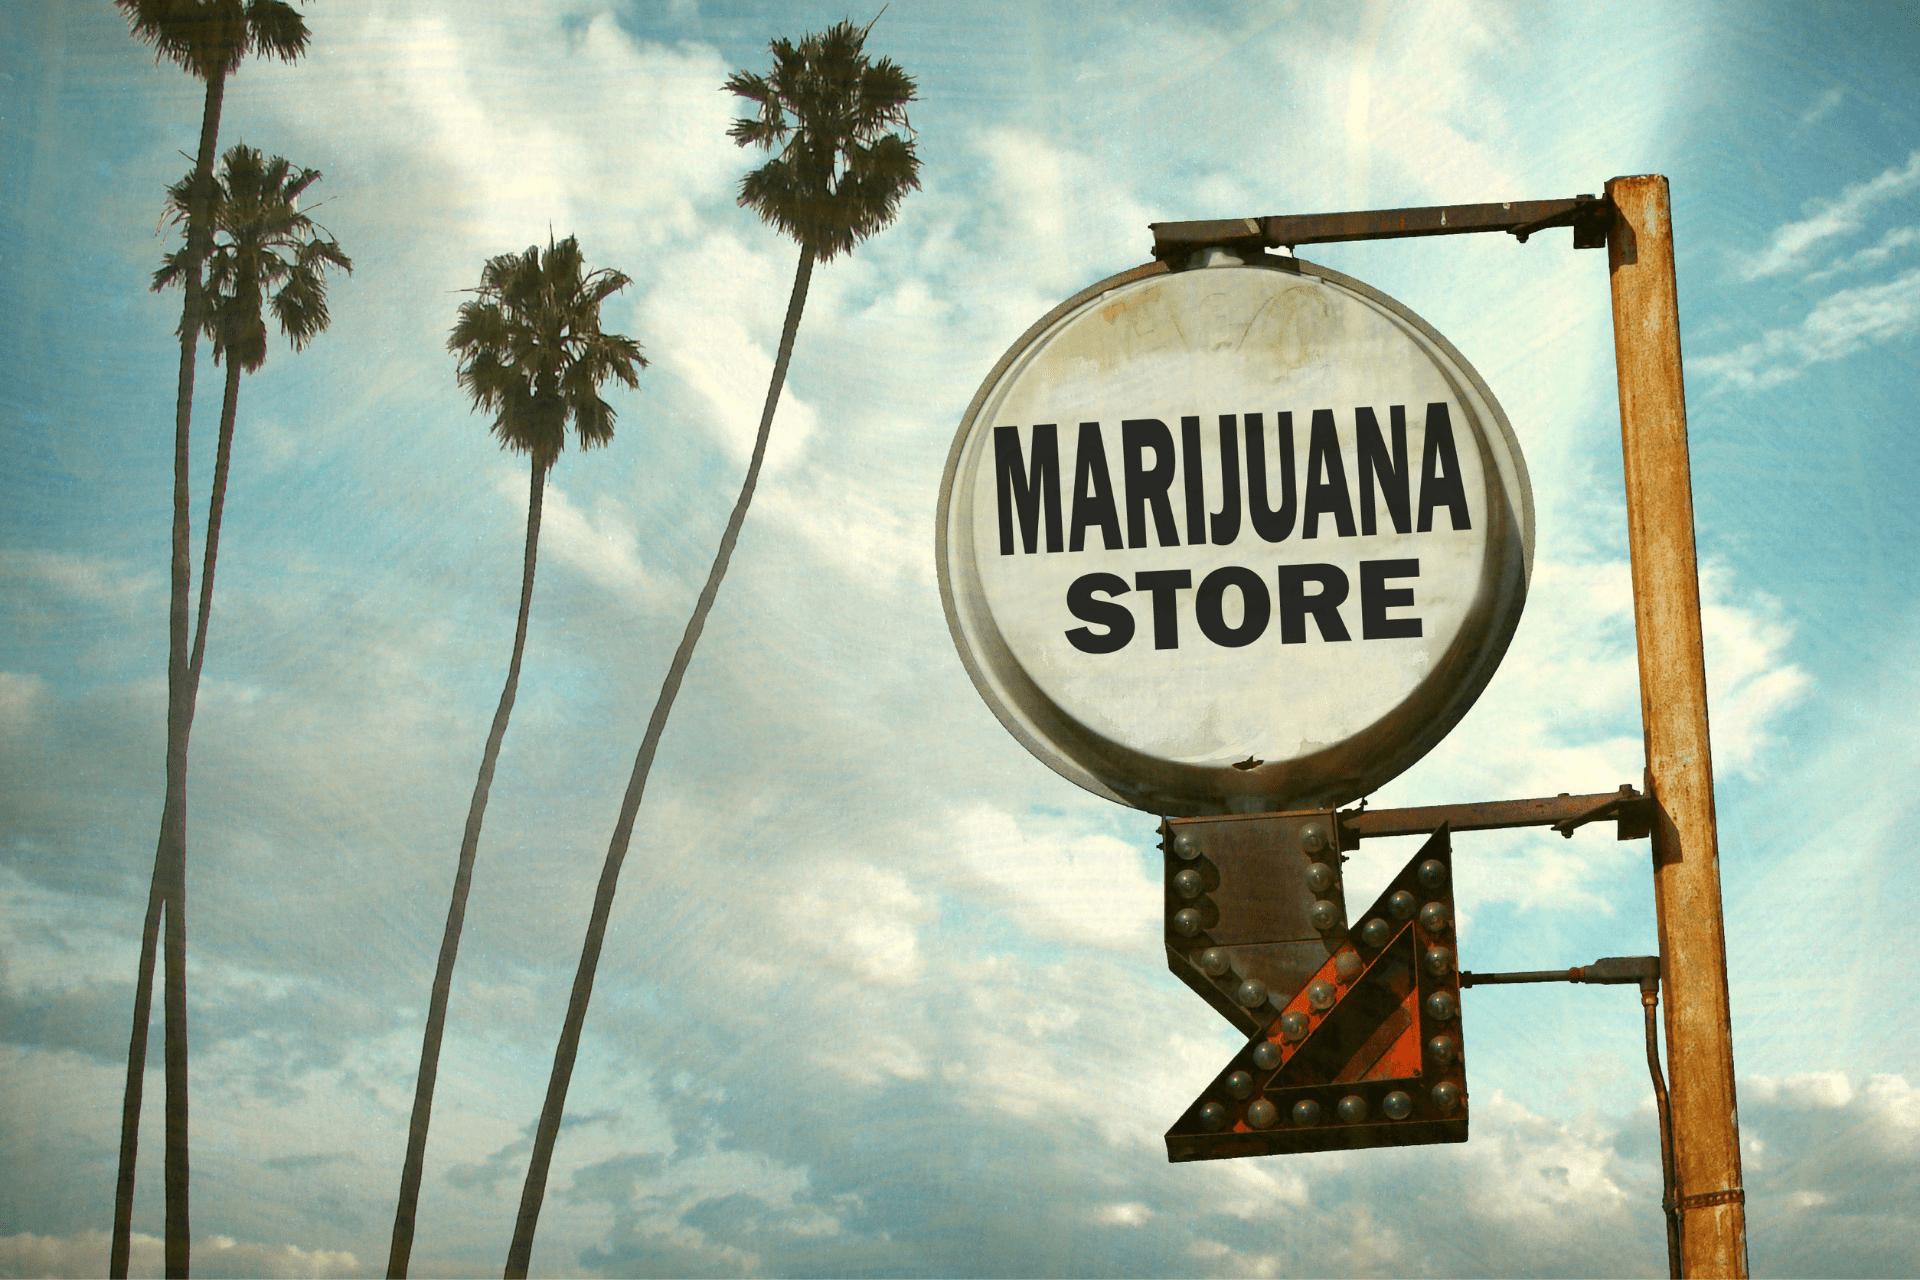 Cannabis dispensary Las Vegas